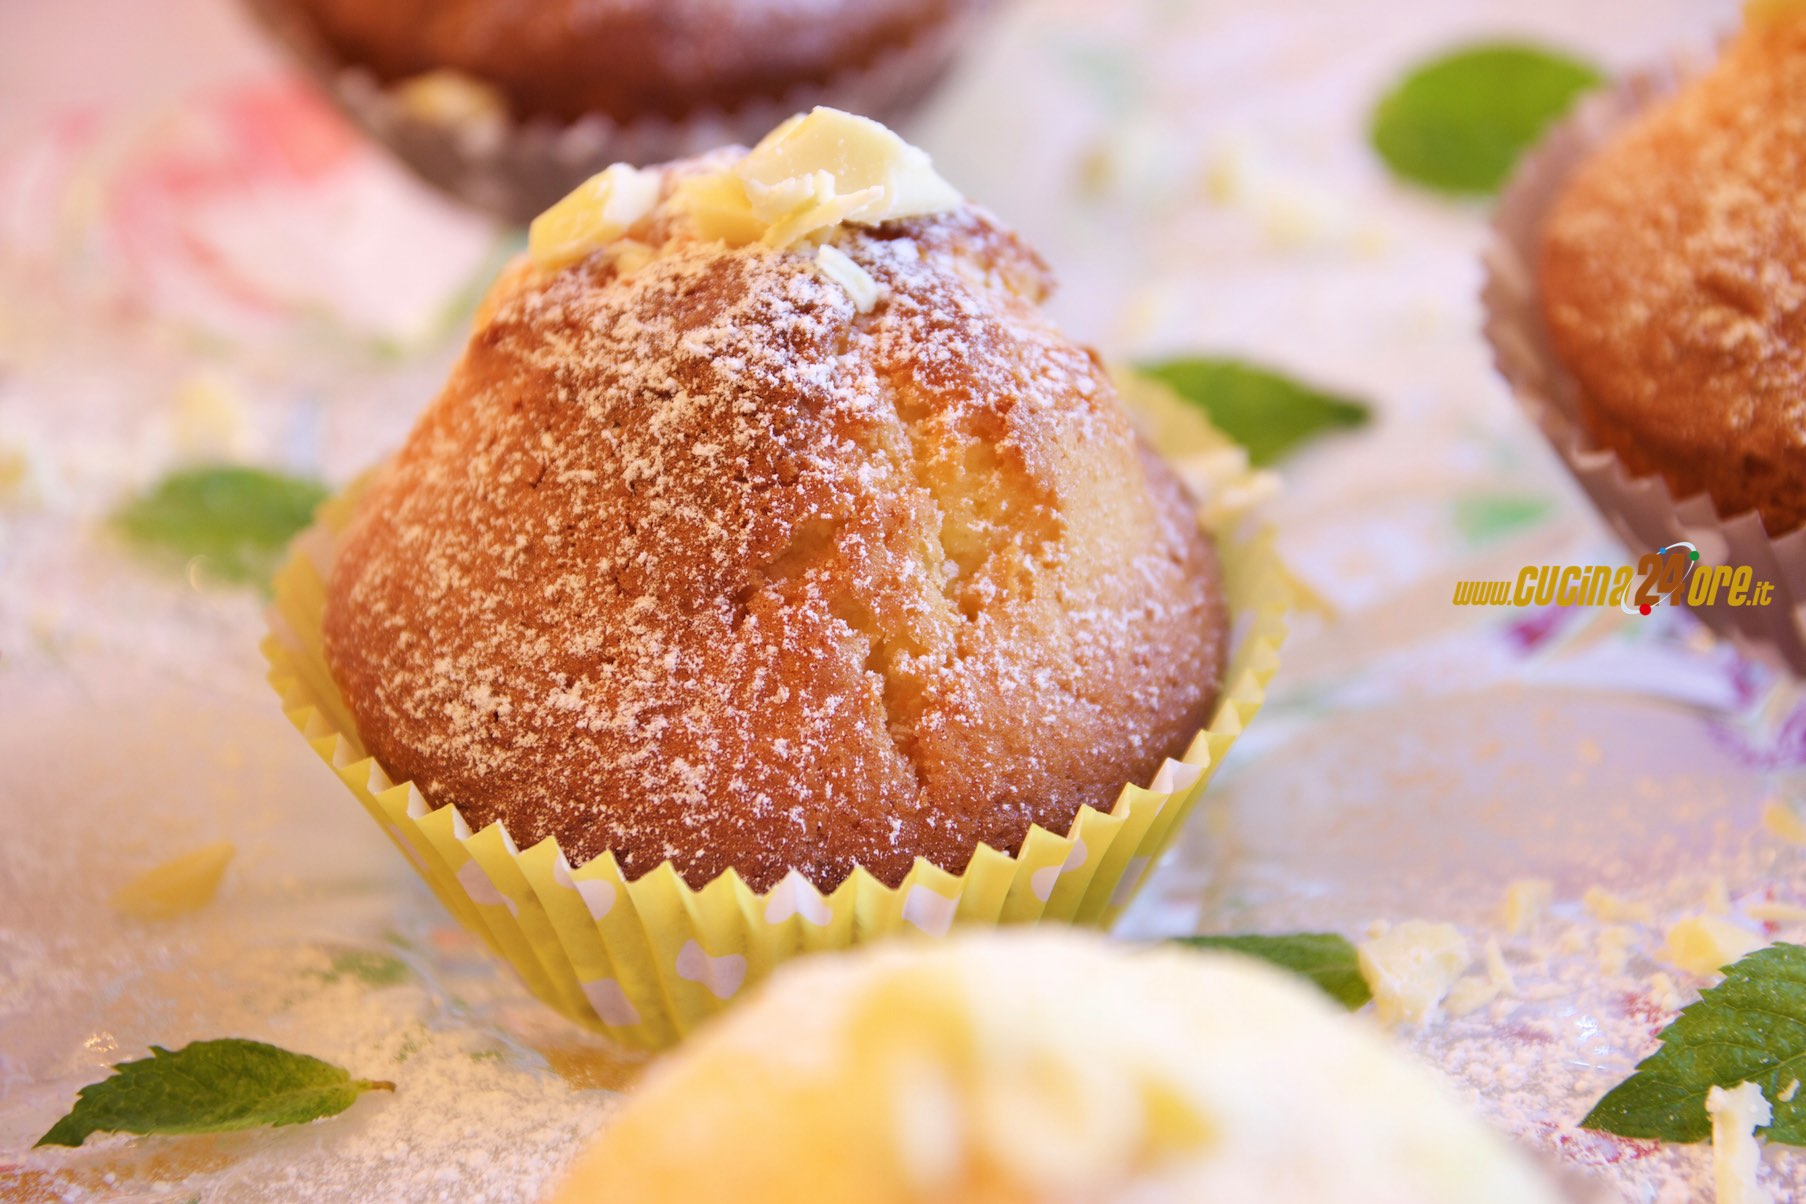 Leggeri e Fragranti, Muffin al Cioccolato Bianco Senza Burro e Glutine